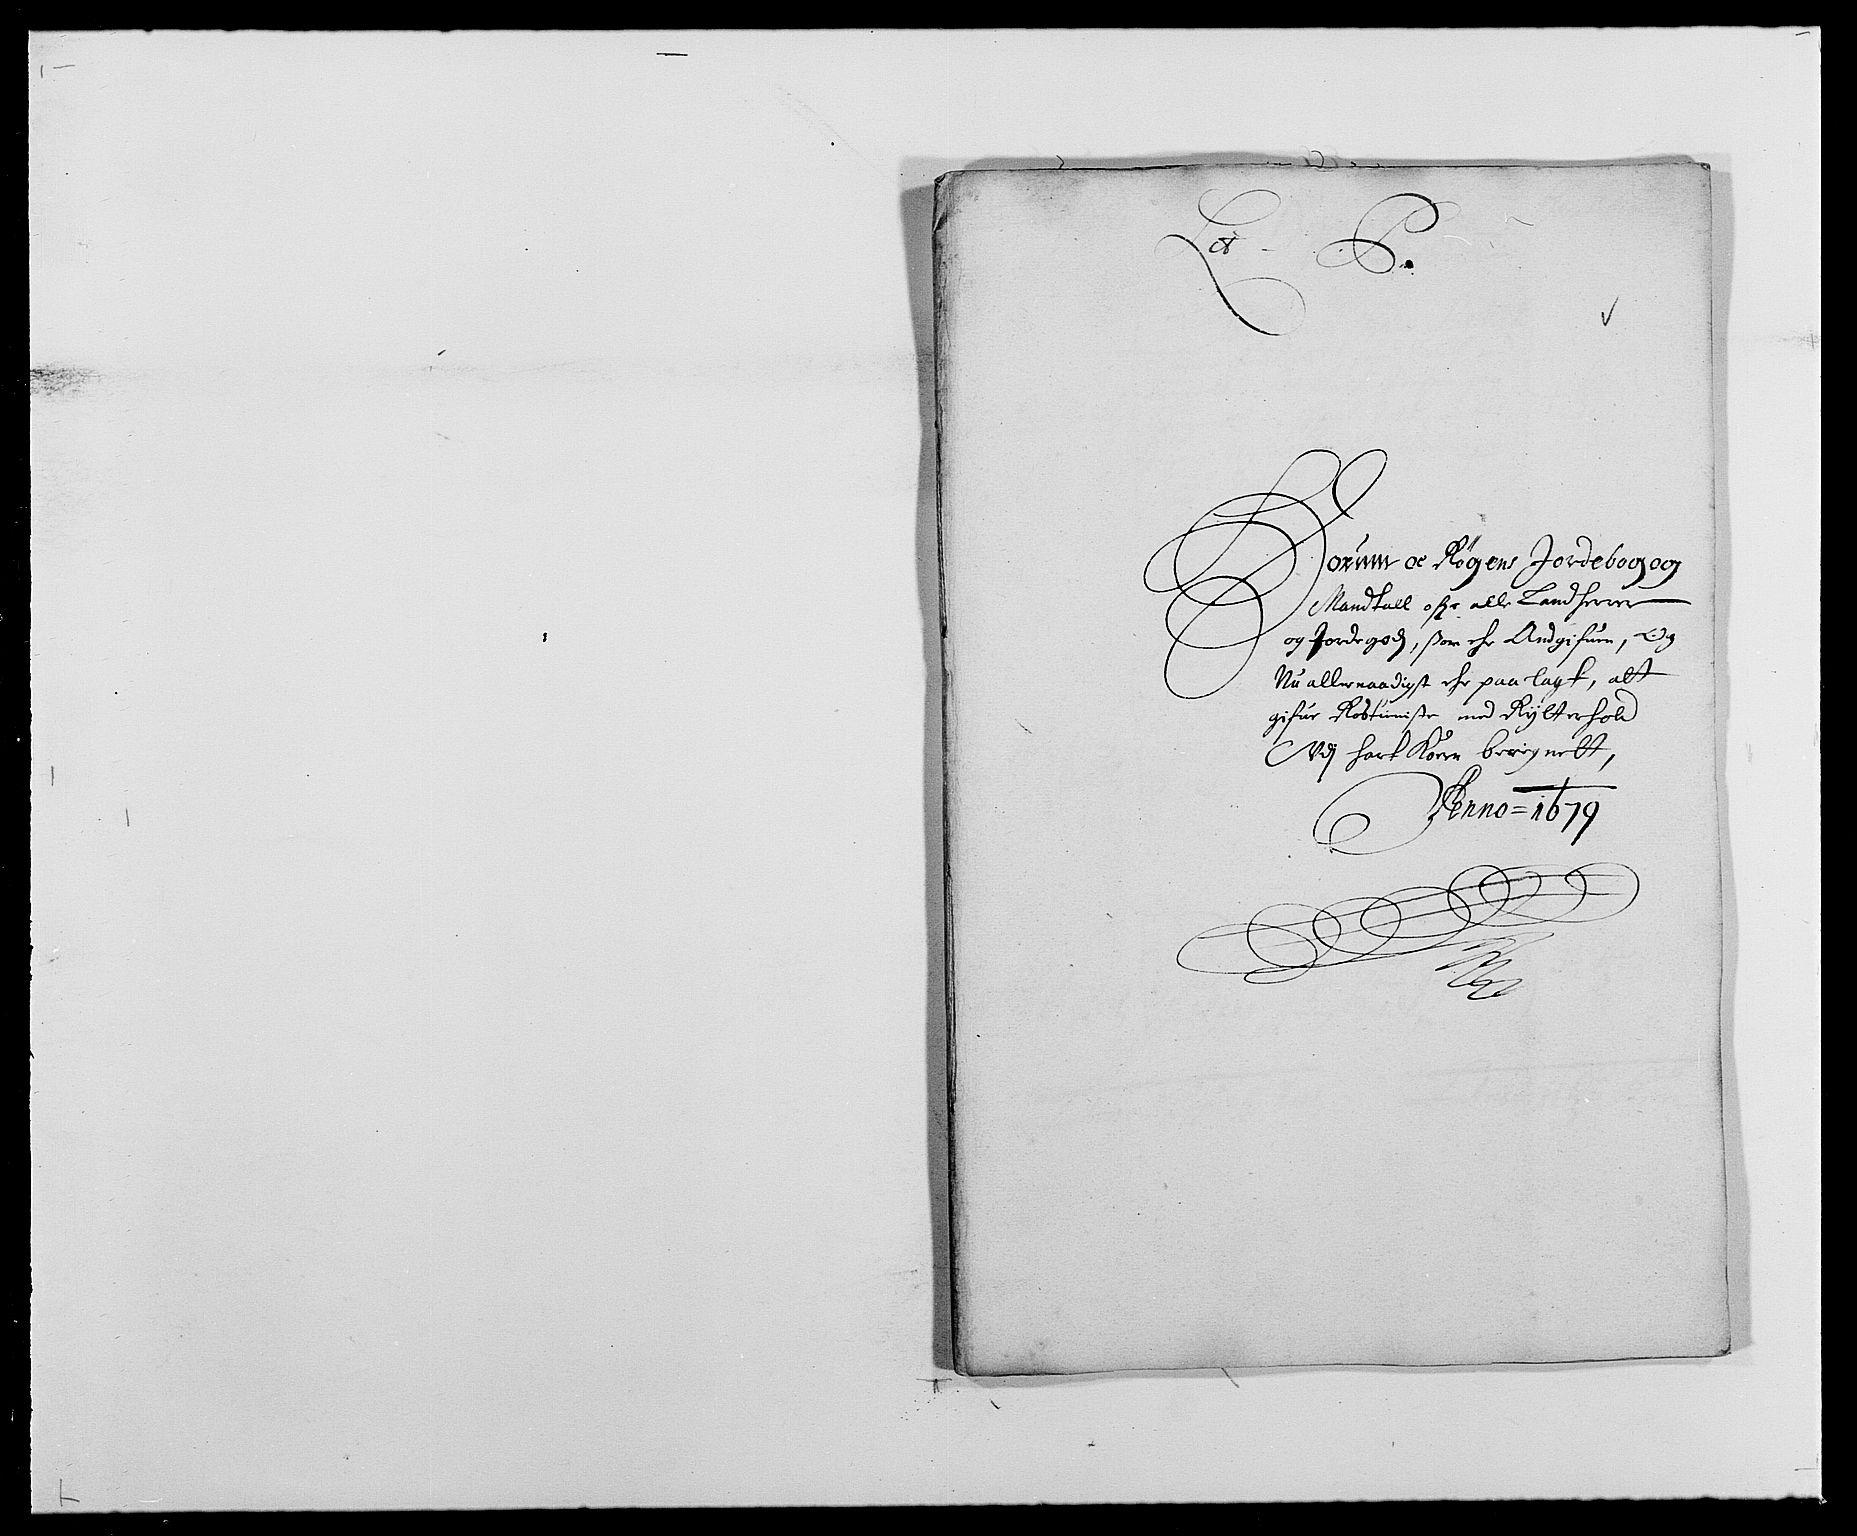 RA, Rentekammeret inntil 1814, Reviderte regnskaper, Fogderegnskap, R29/L1691: Fogderegnskap Hurum og Røyken, 1678-1681, s. 192